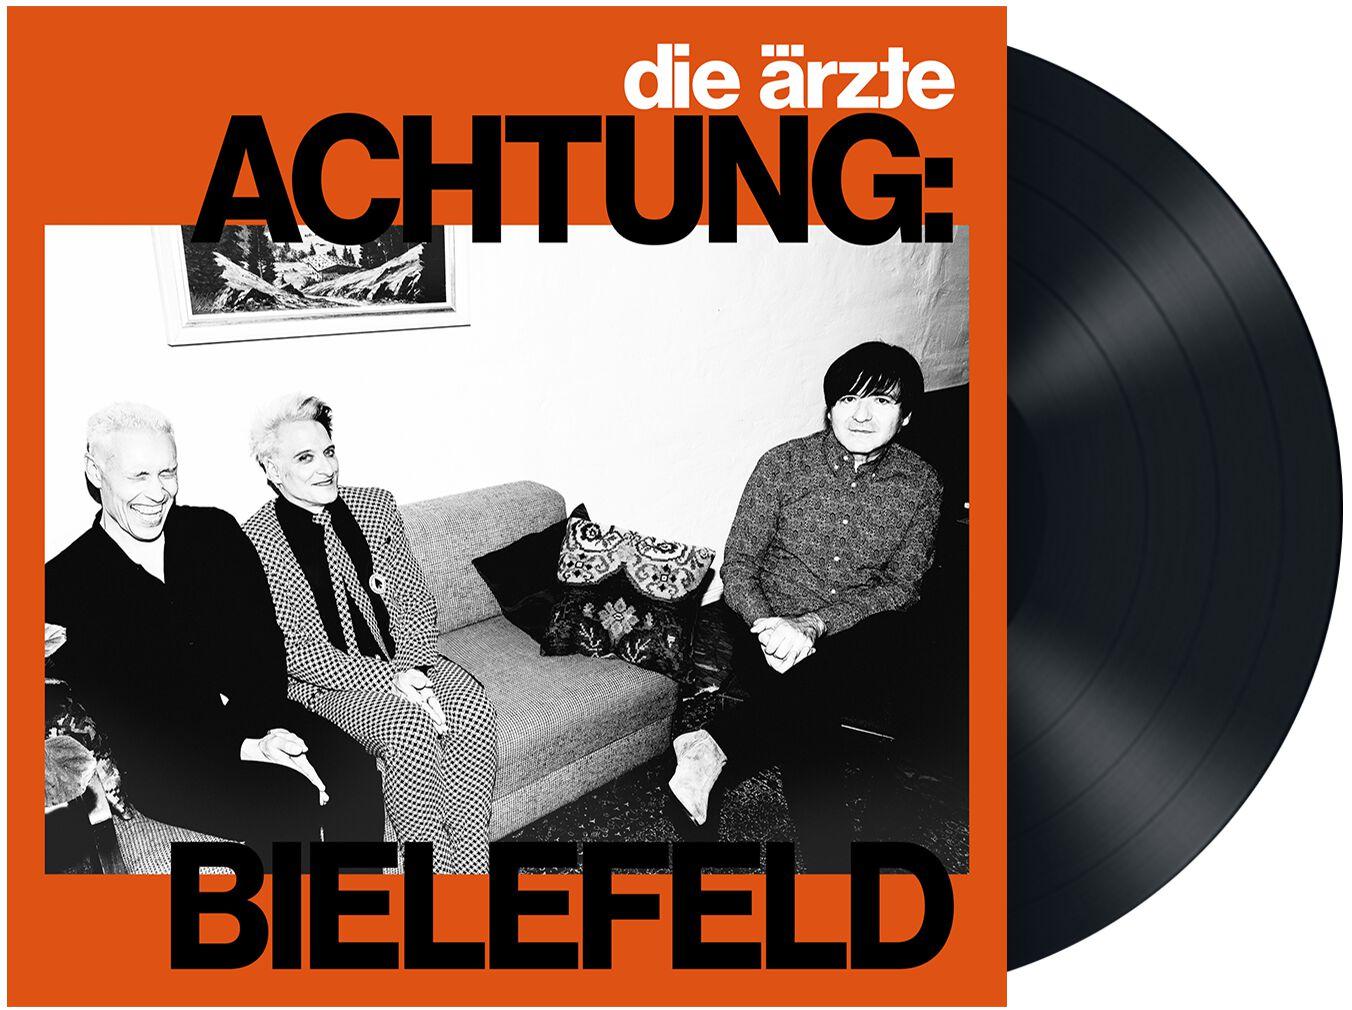 Image of Die Ärzte ACHTUNG BIELEFELD 7 inch-SINGLE Standard